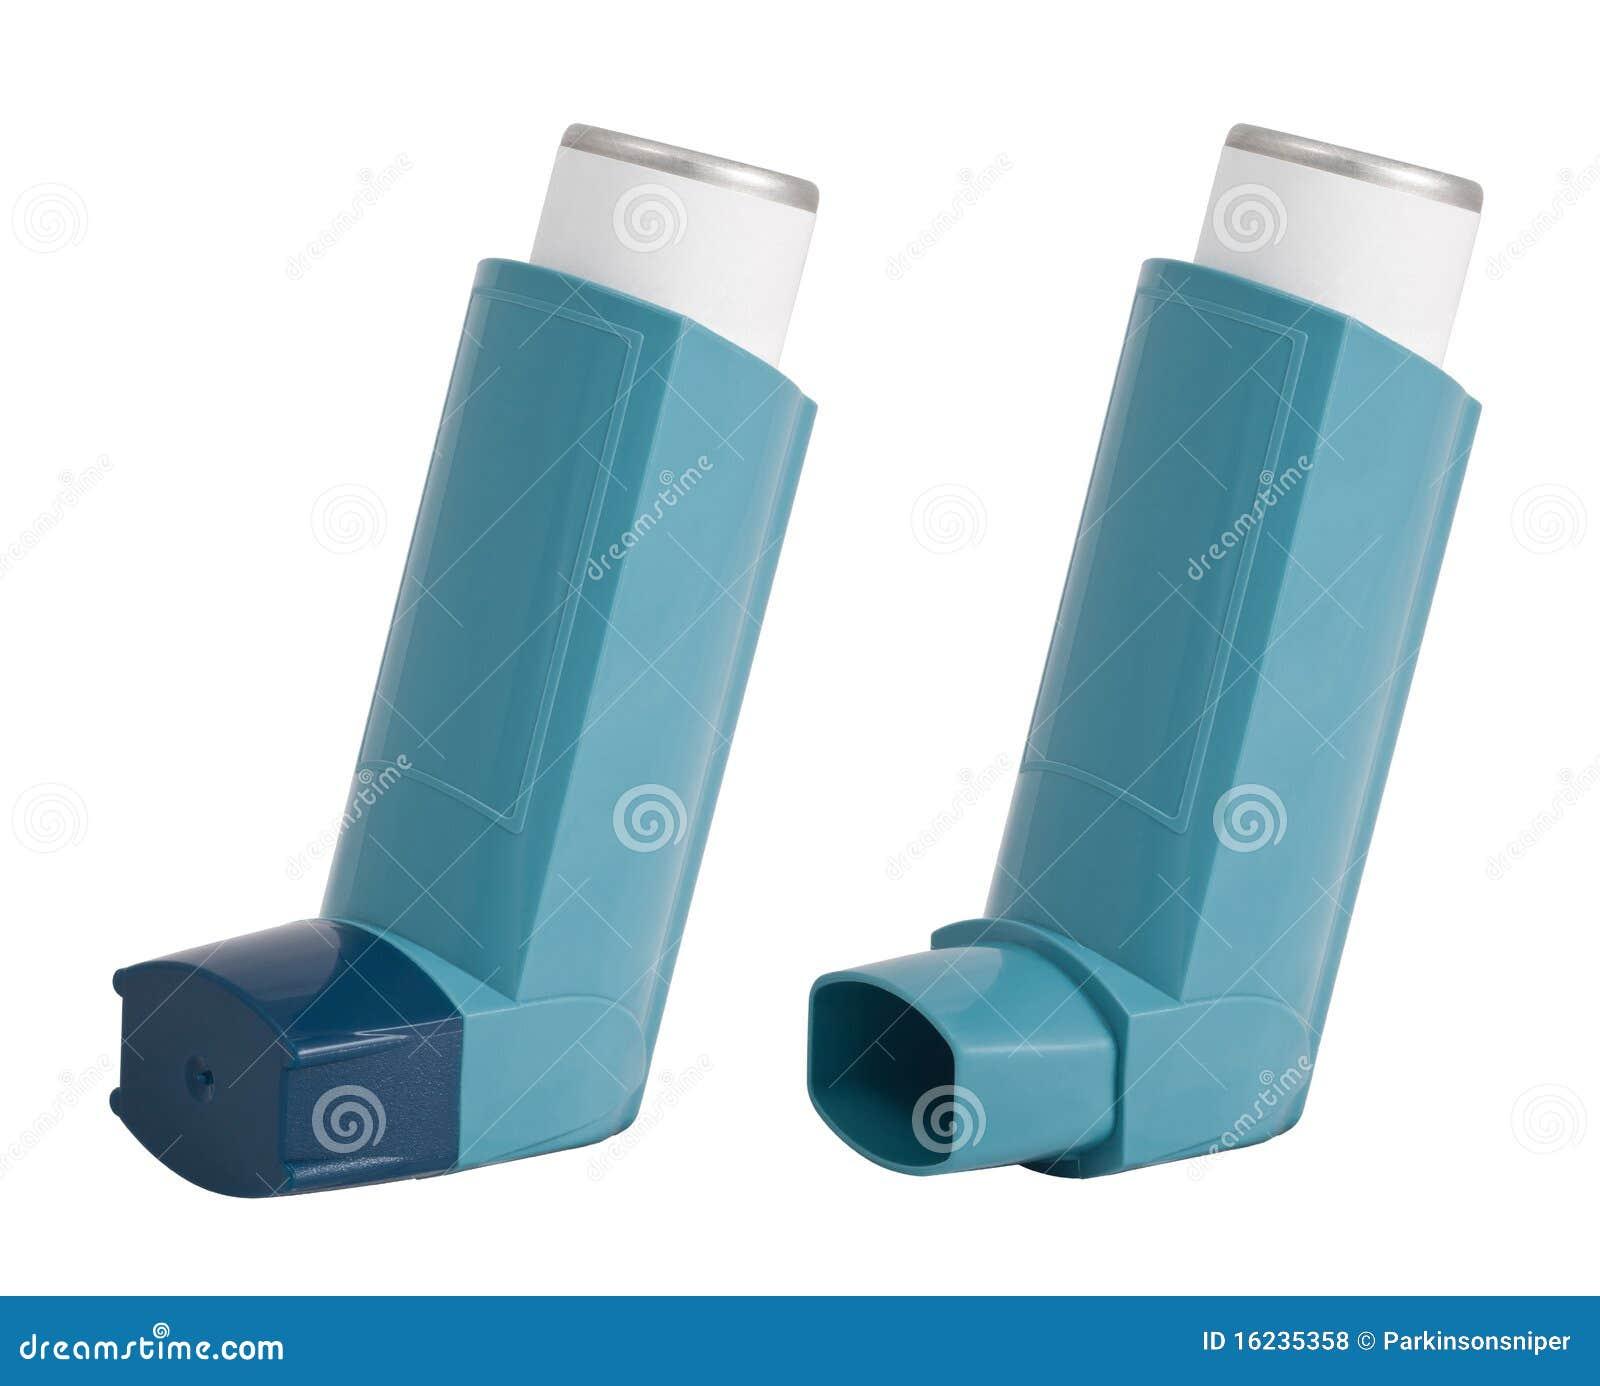 Asthma-Inhalatoren